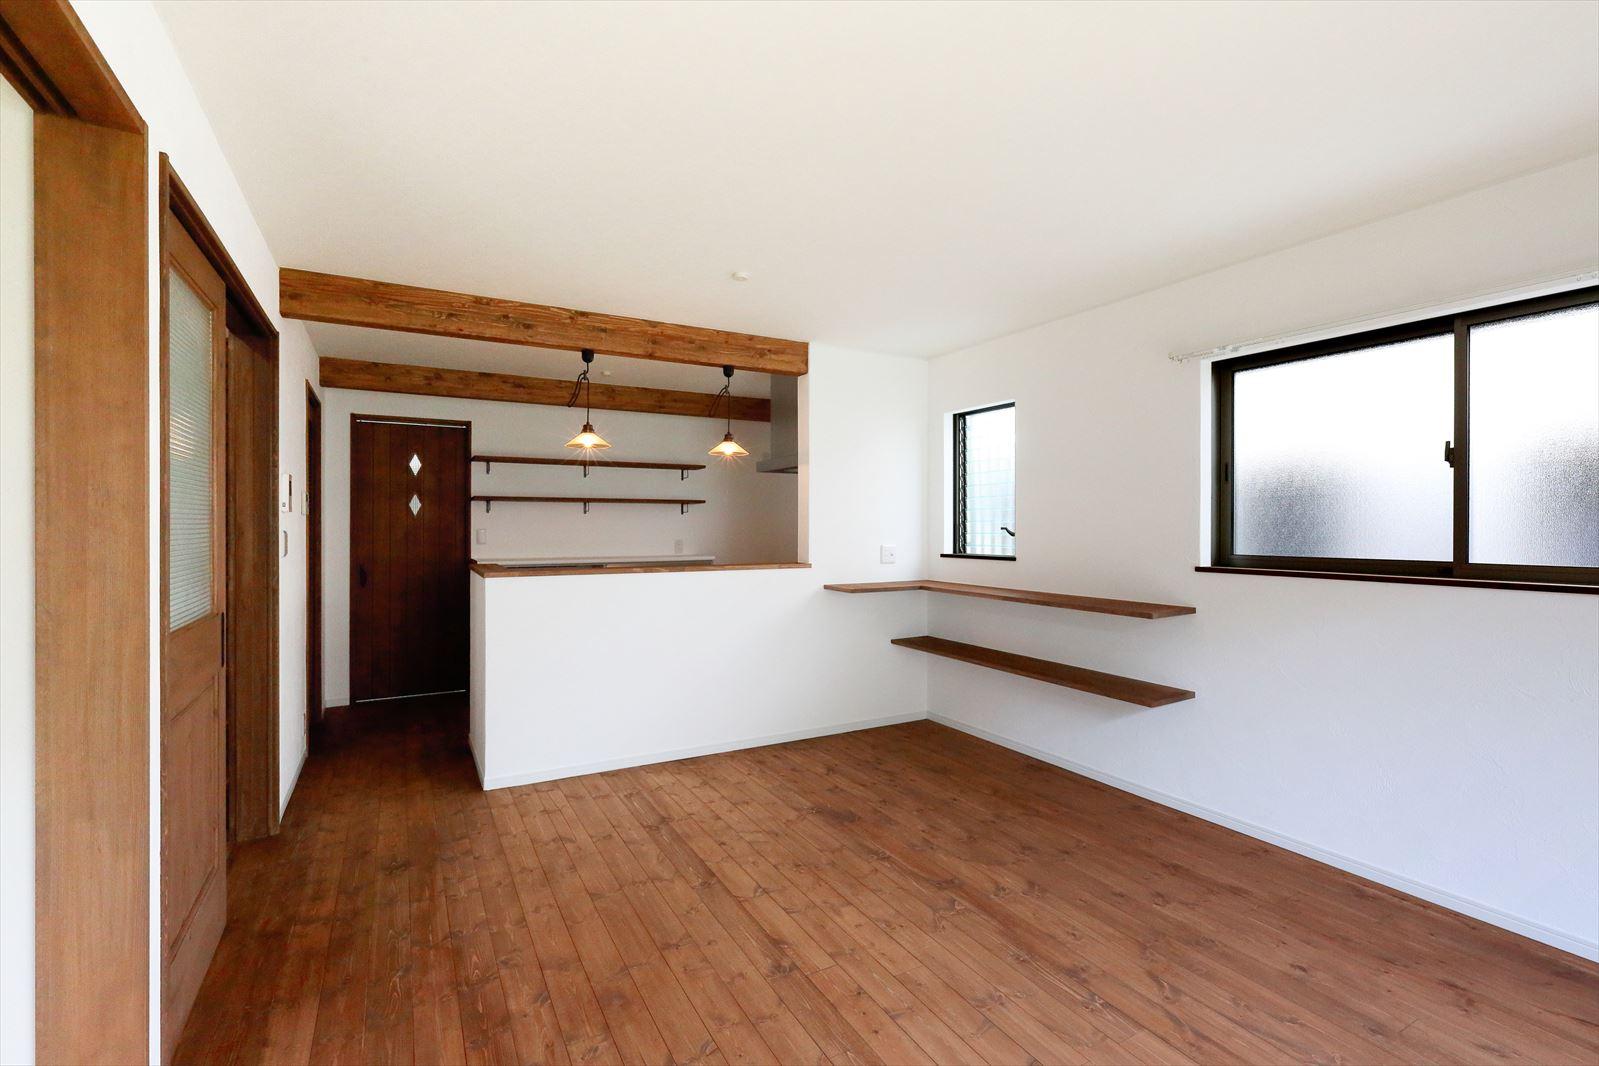 中古の注文住宅『新、古築。』第二弾完成!